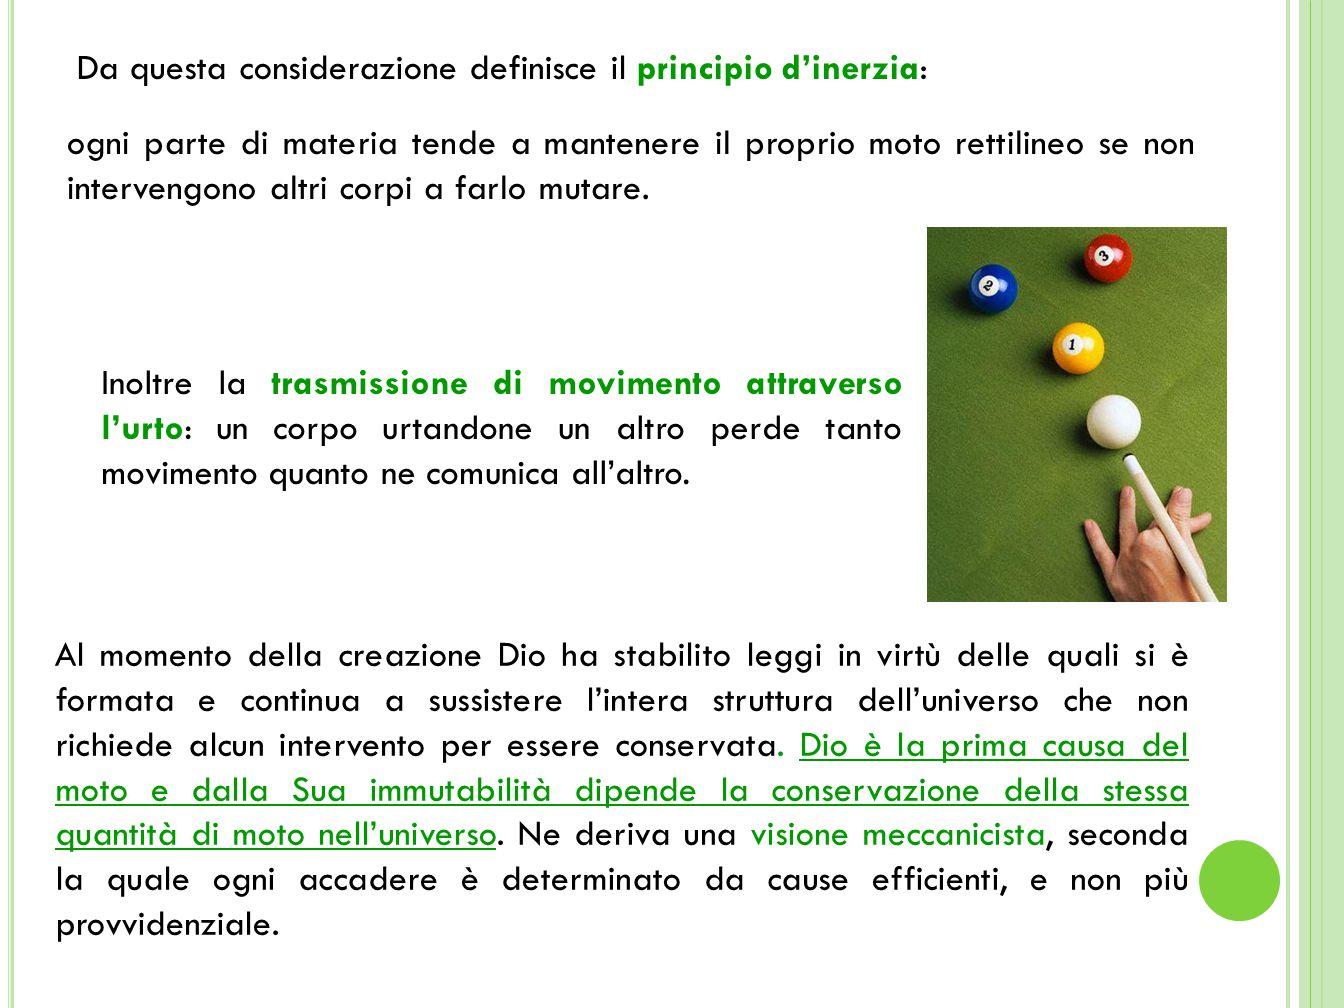 Da questa considerazione definisce il principio d'inerzia: